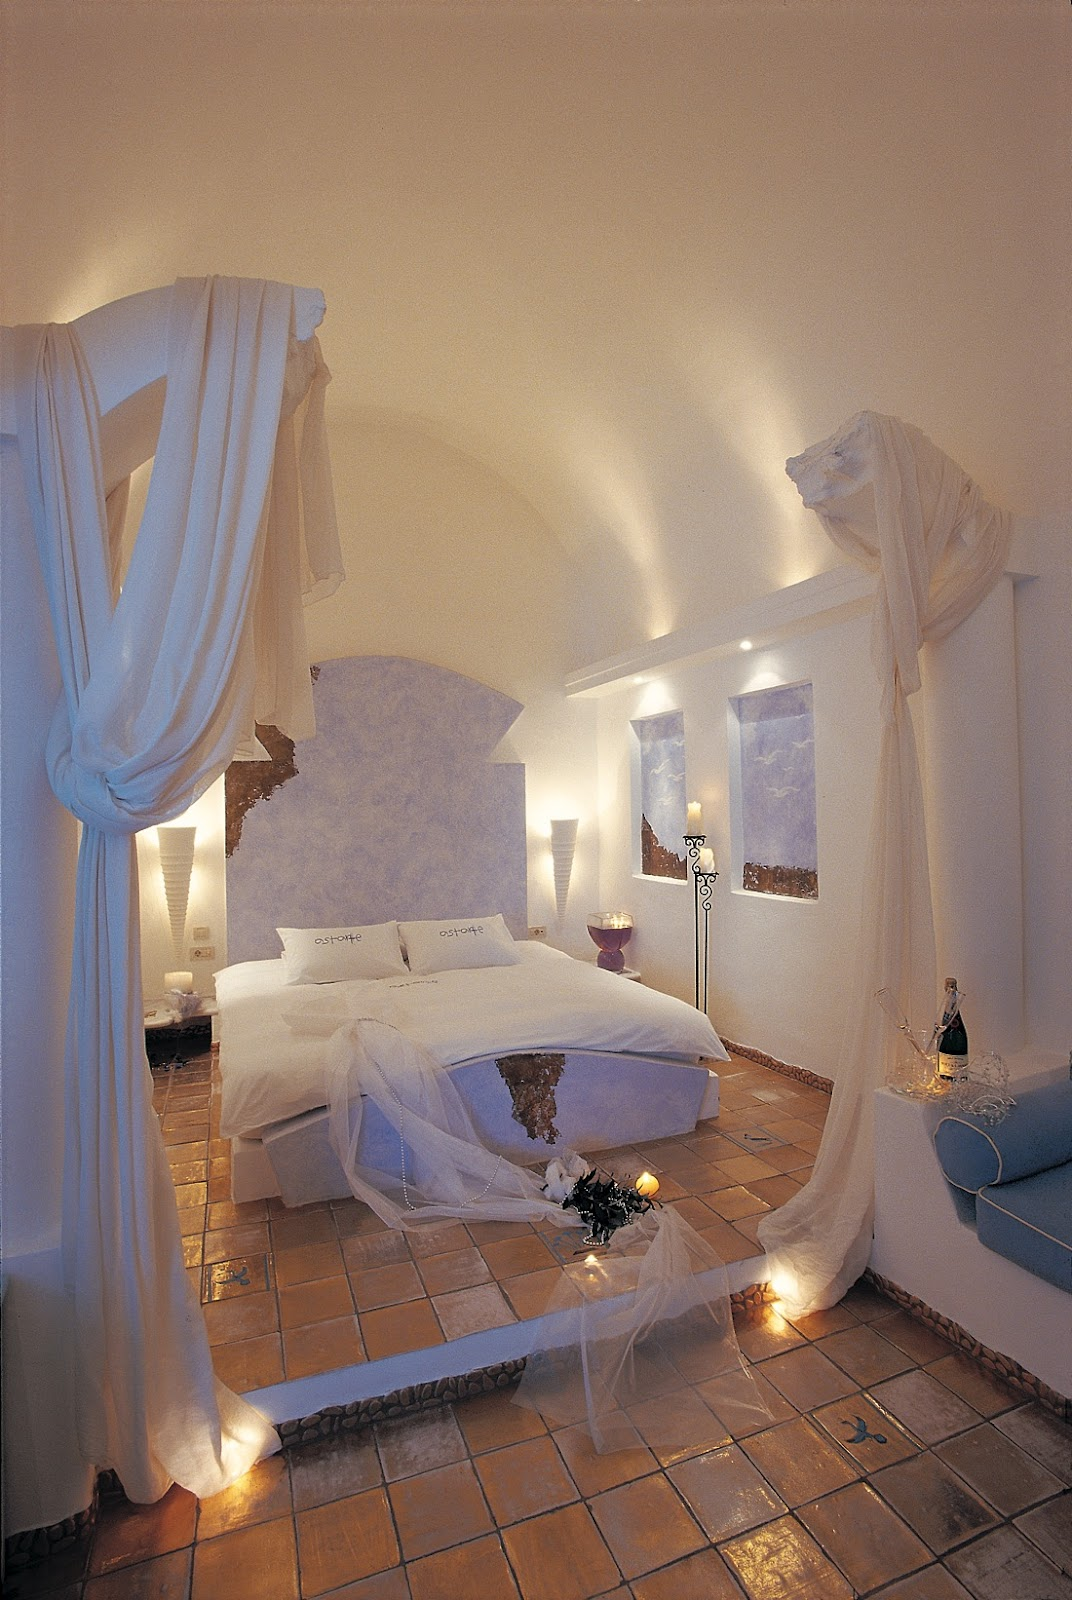 Passion for luxury astarte suites santorini for Santorini astarte suites